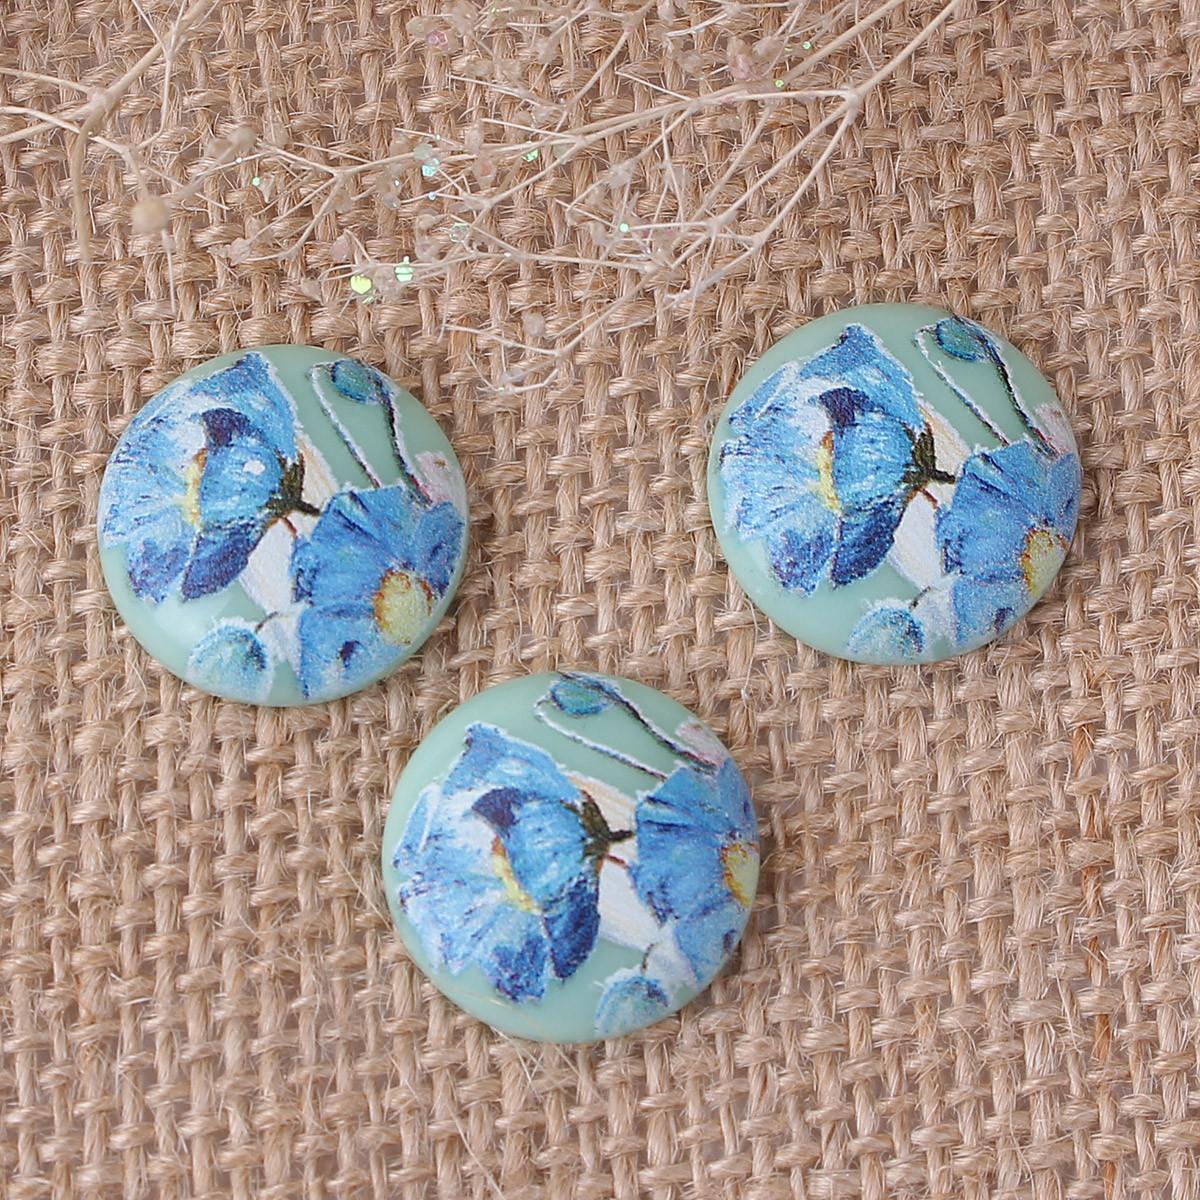 Кабошоны круглый, Японский светло-синий цветок, Линза, Смола, Газоплотный, 20 мм